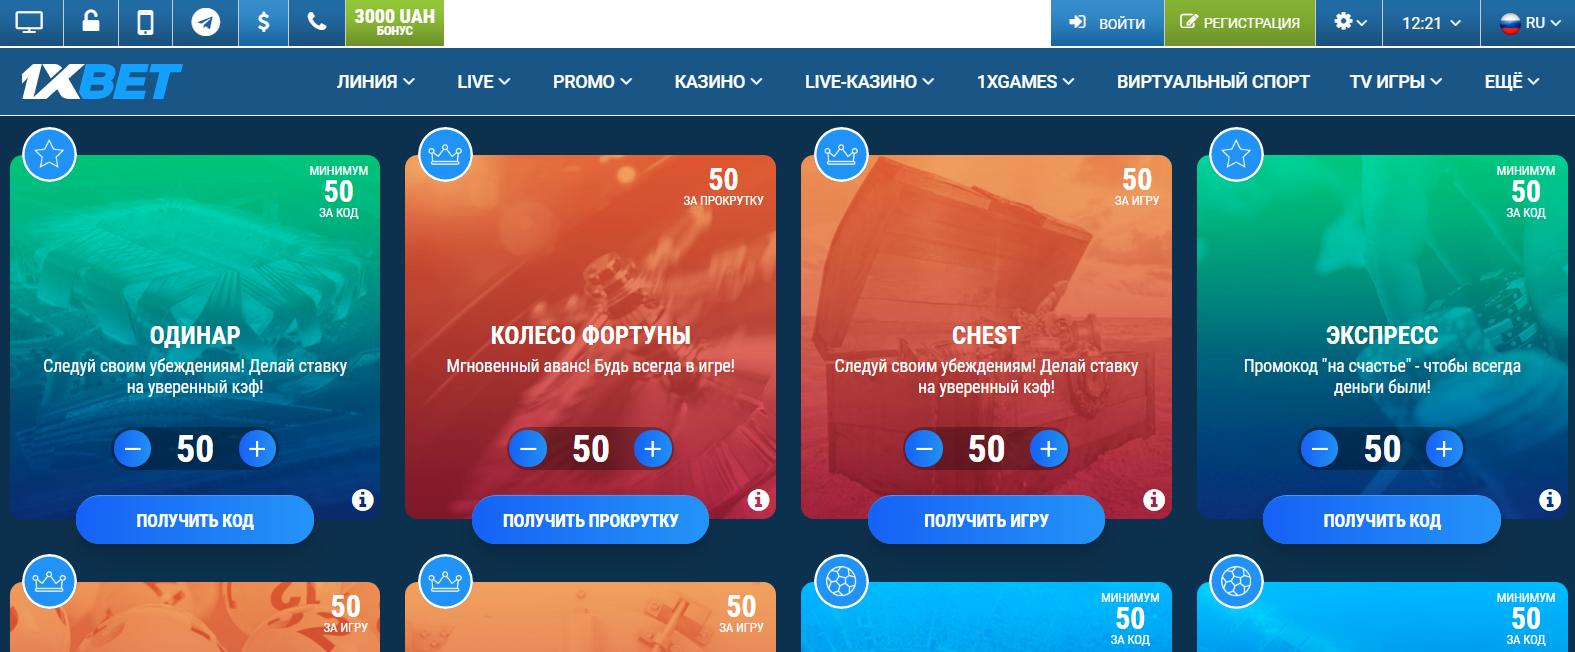 1хбет бонусы_4